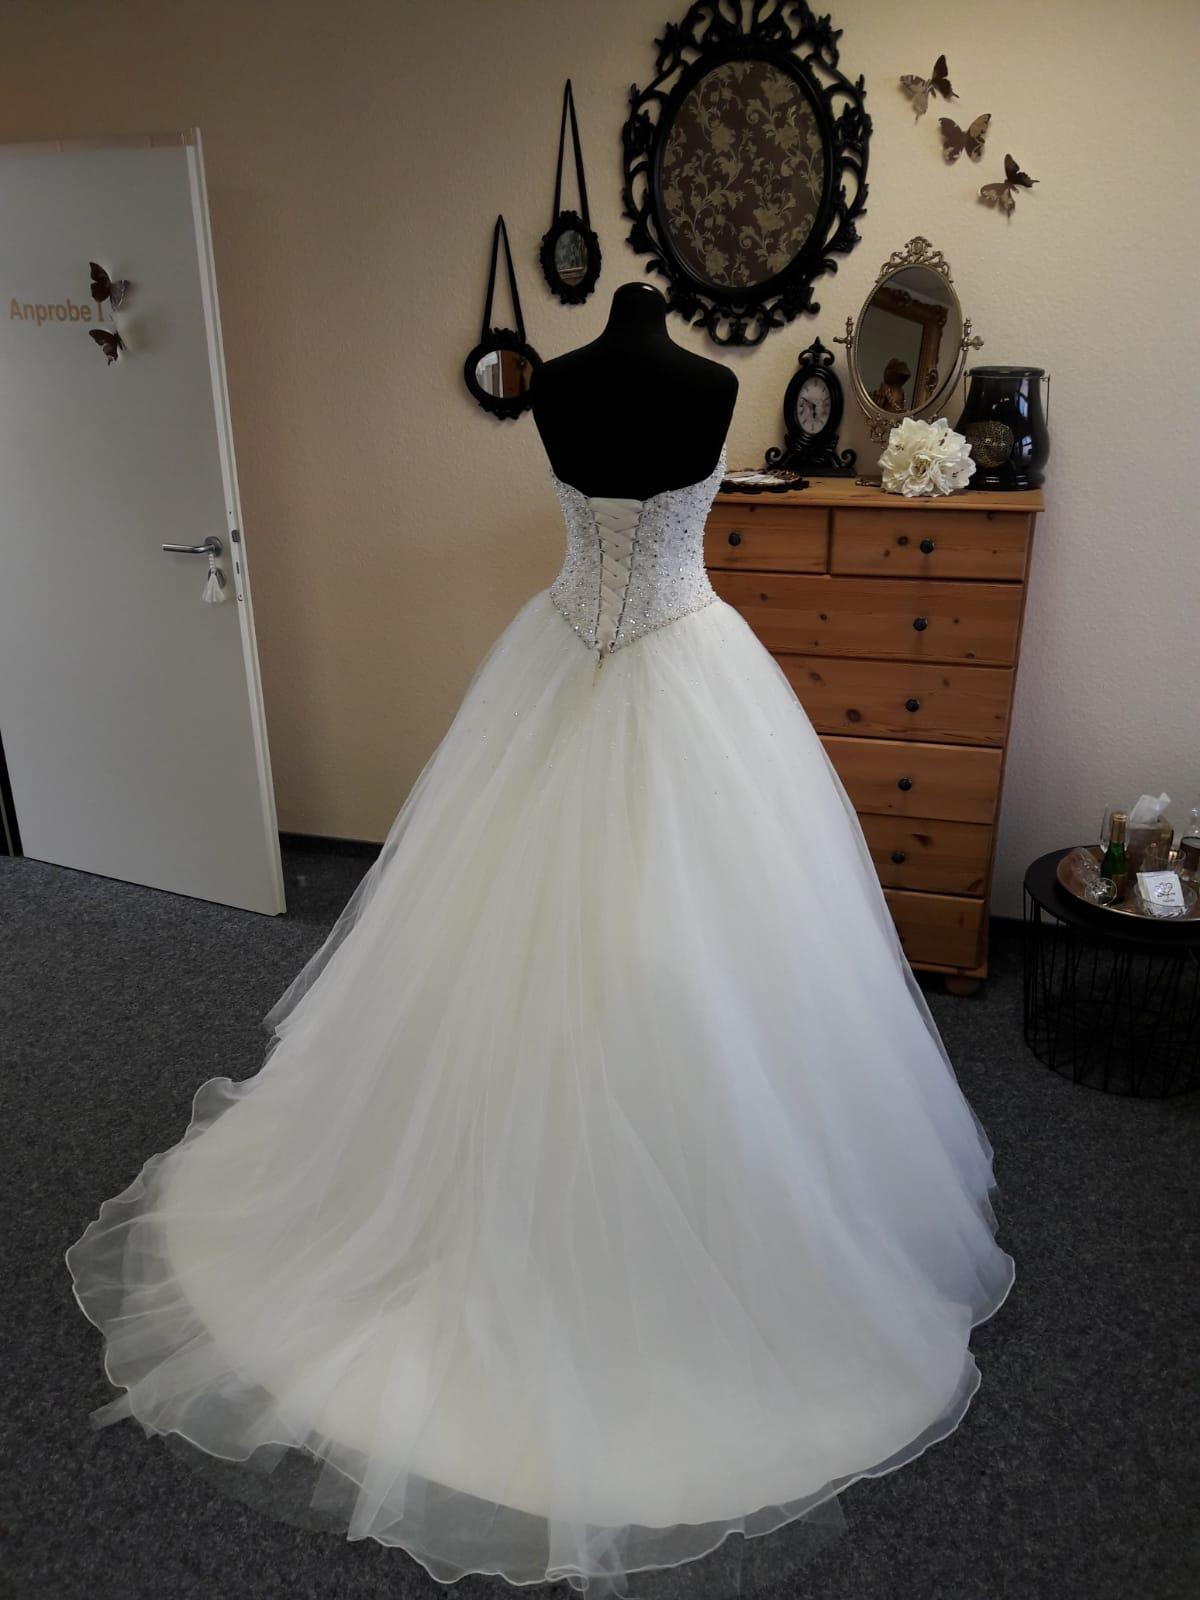 Ein Brautkleid für eine Traumhochzeit! - Brautparadies Jordan